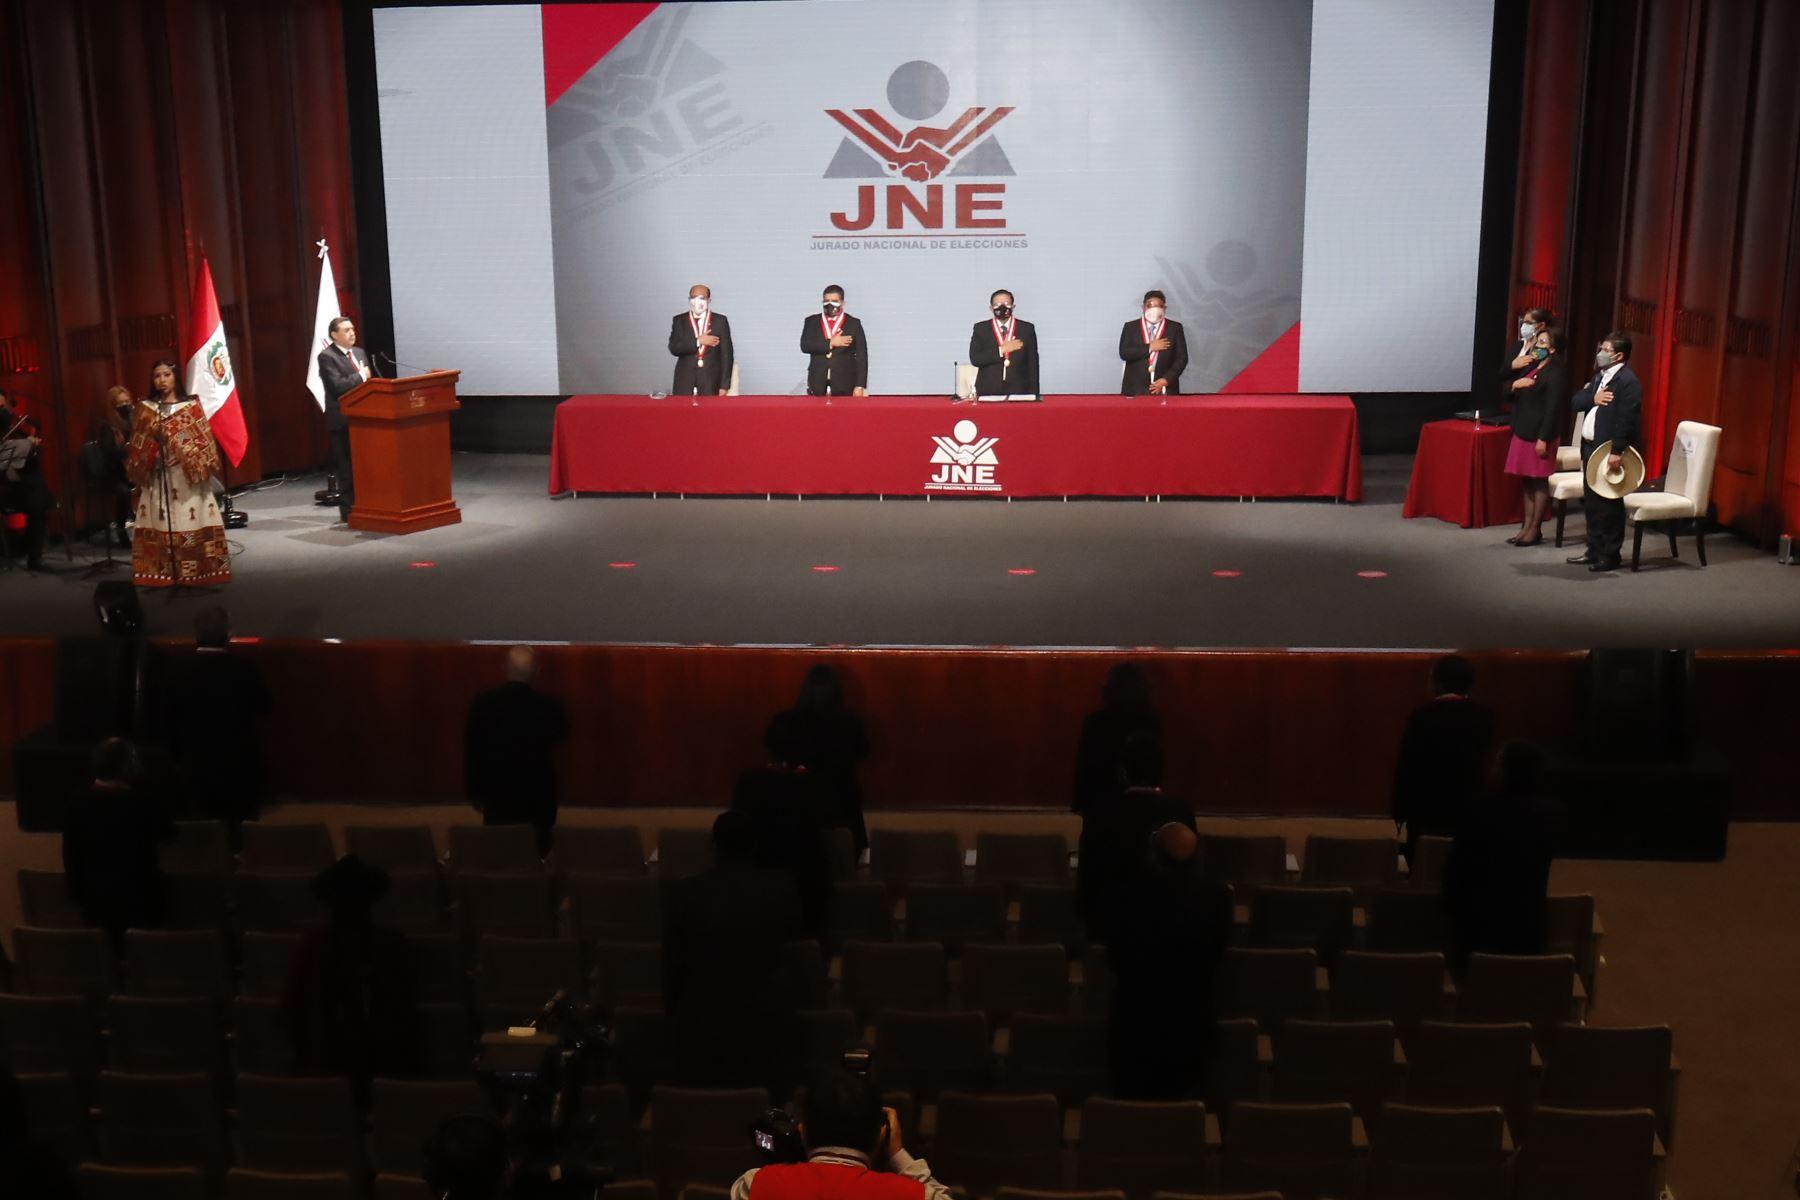 El pleno del Jurado Nacional de Elecciones (JNE) entrega la credencial de presidente de la República del Perú a Pedro Castillo Terrones. Foto: ANDINA/ Juan Carlos Guzmán